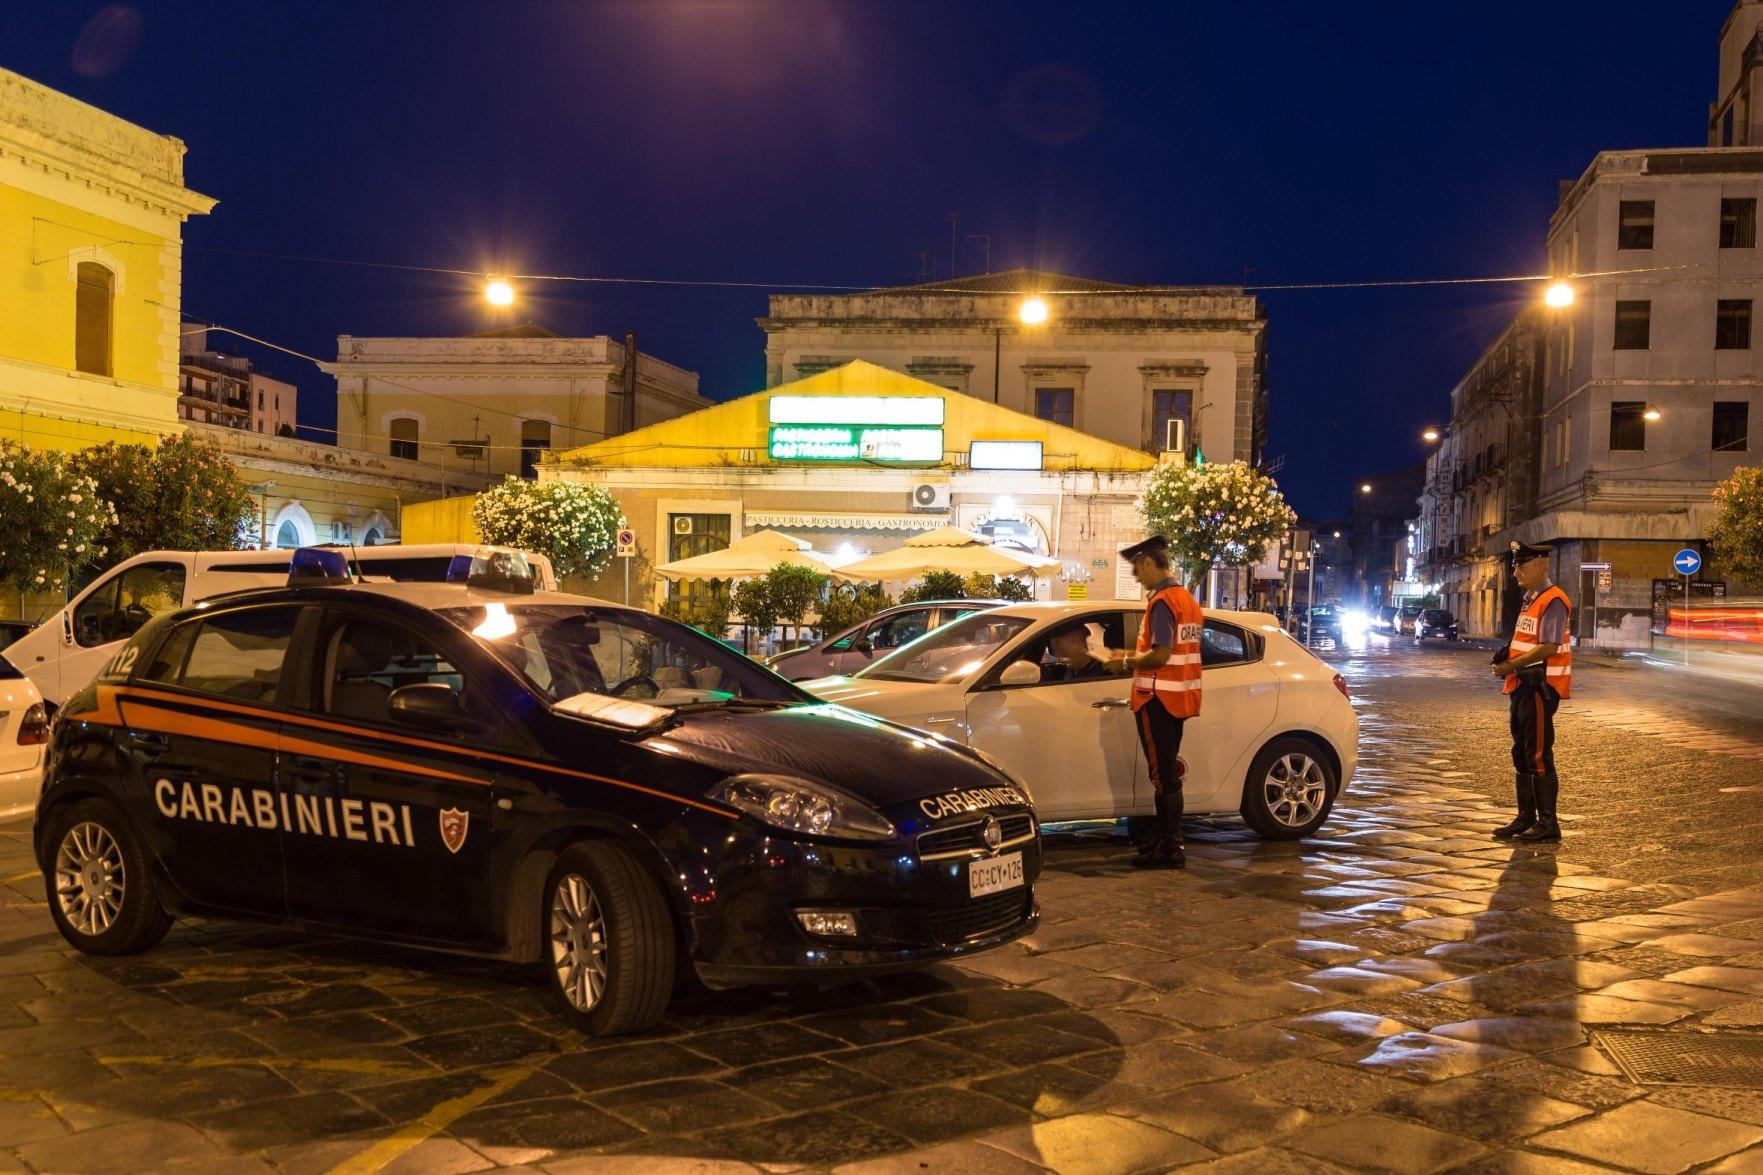 Bilancio del'attività di inizio estate per i Carabinieri in provincia di Siracusa